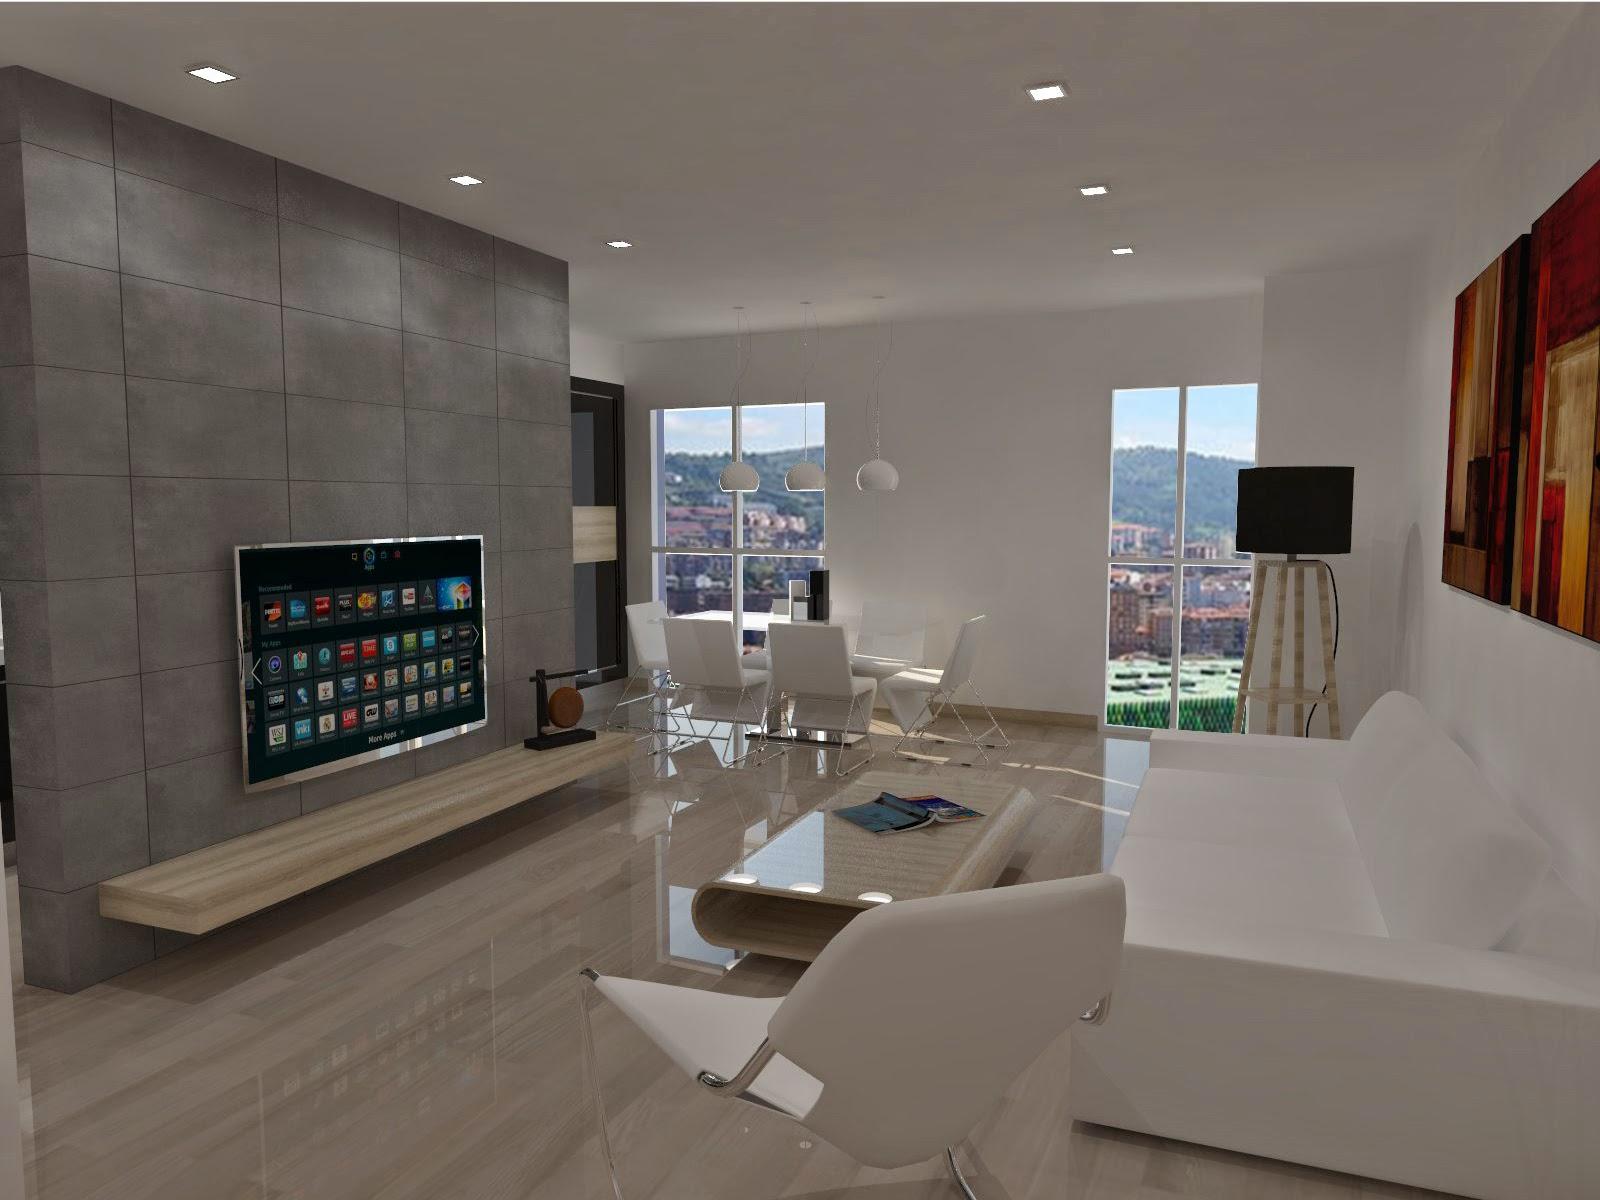 Reforma sal n comedor cocina piso 85 m2 linerenovatio for Precio de reforma por m2